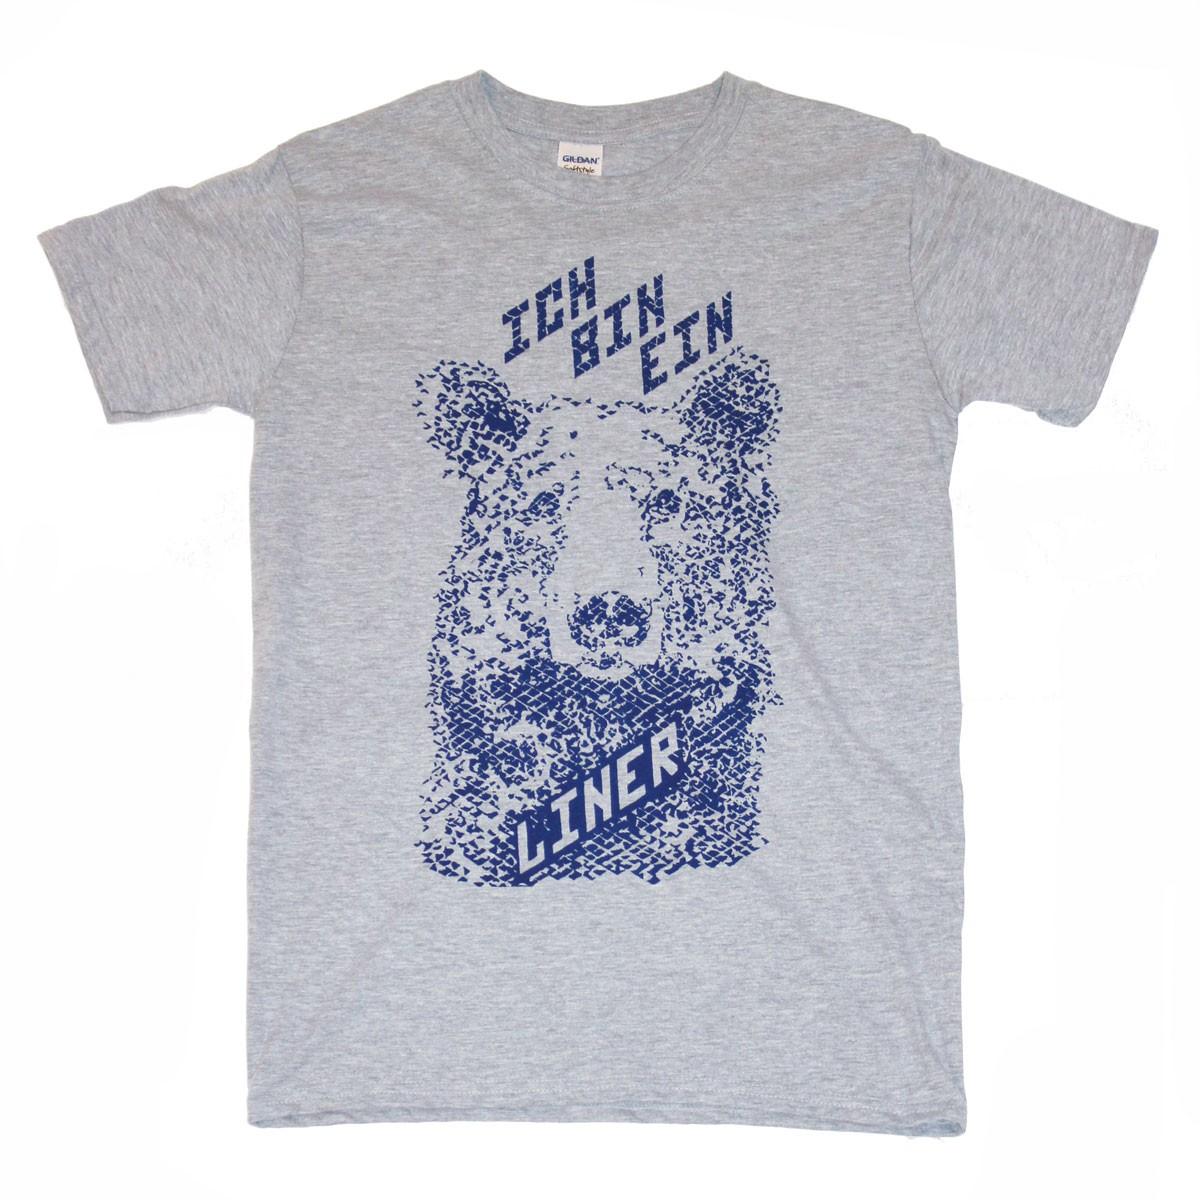 Barry Hogarth – t-shirt (ich bin ein...)